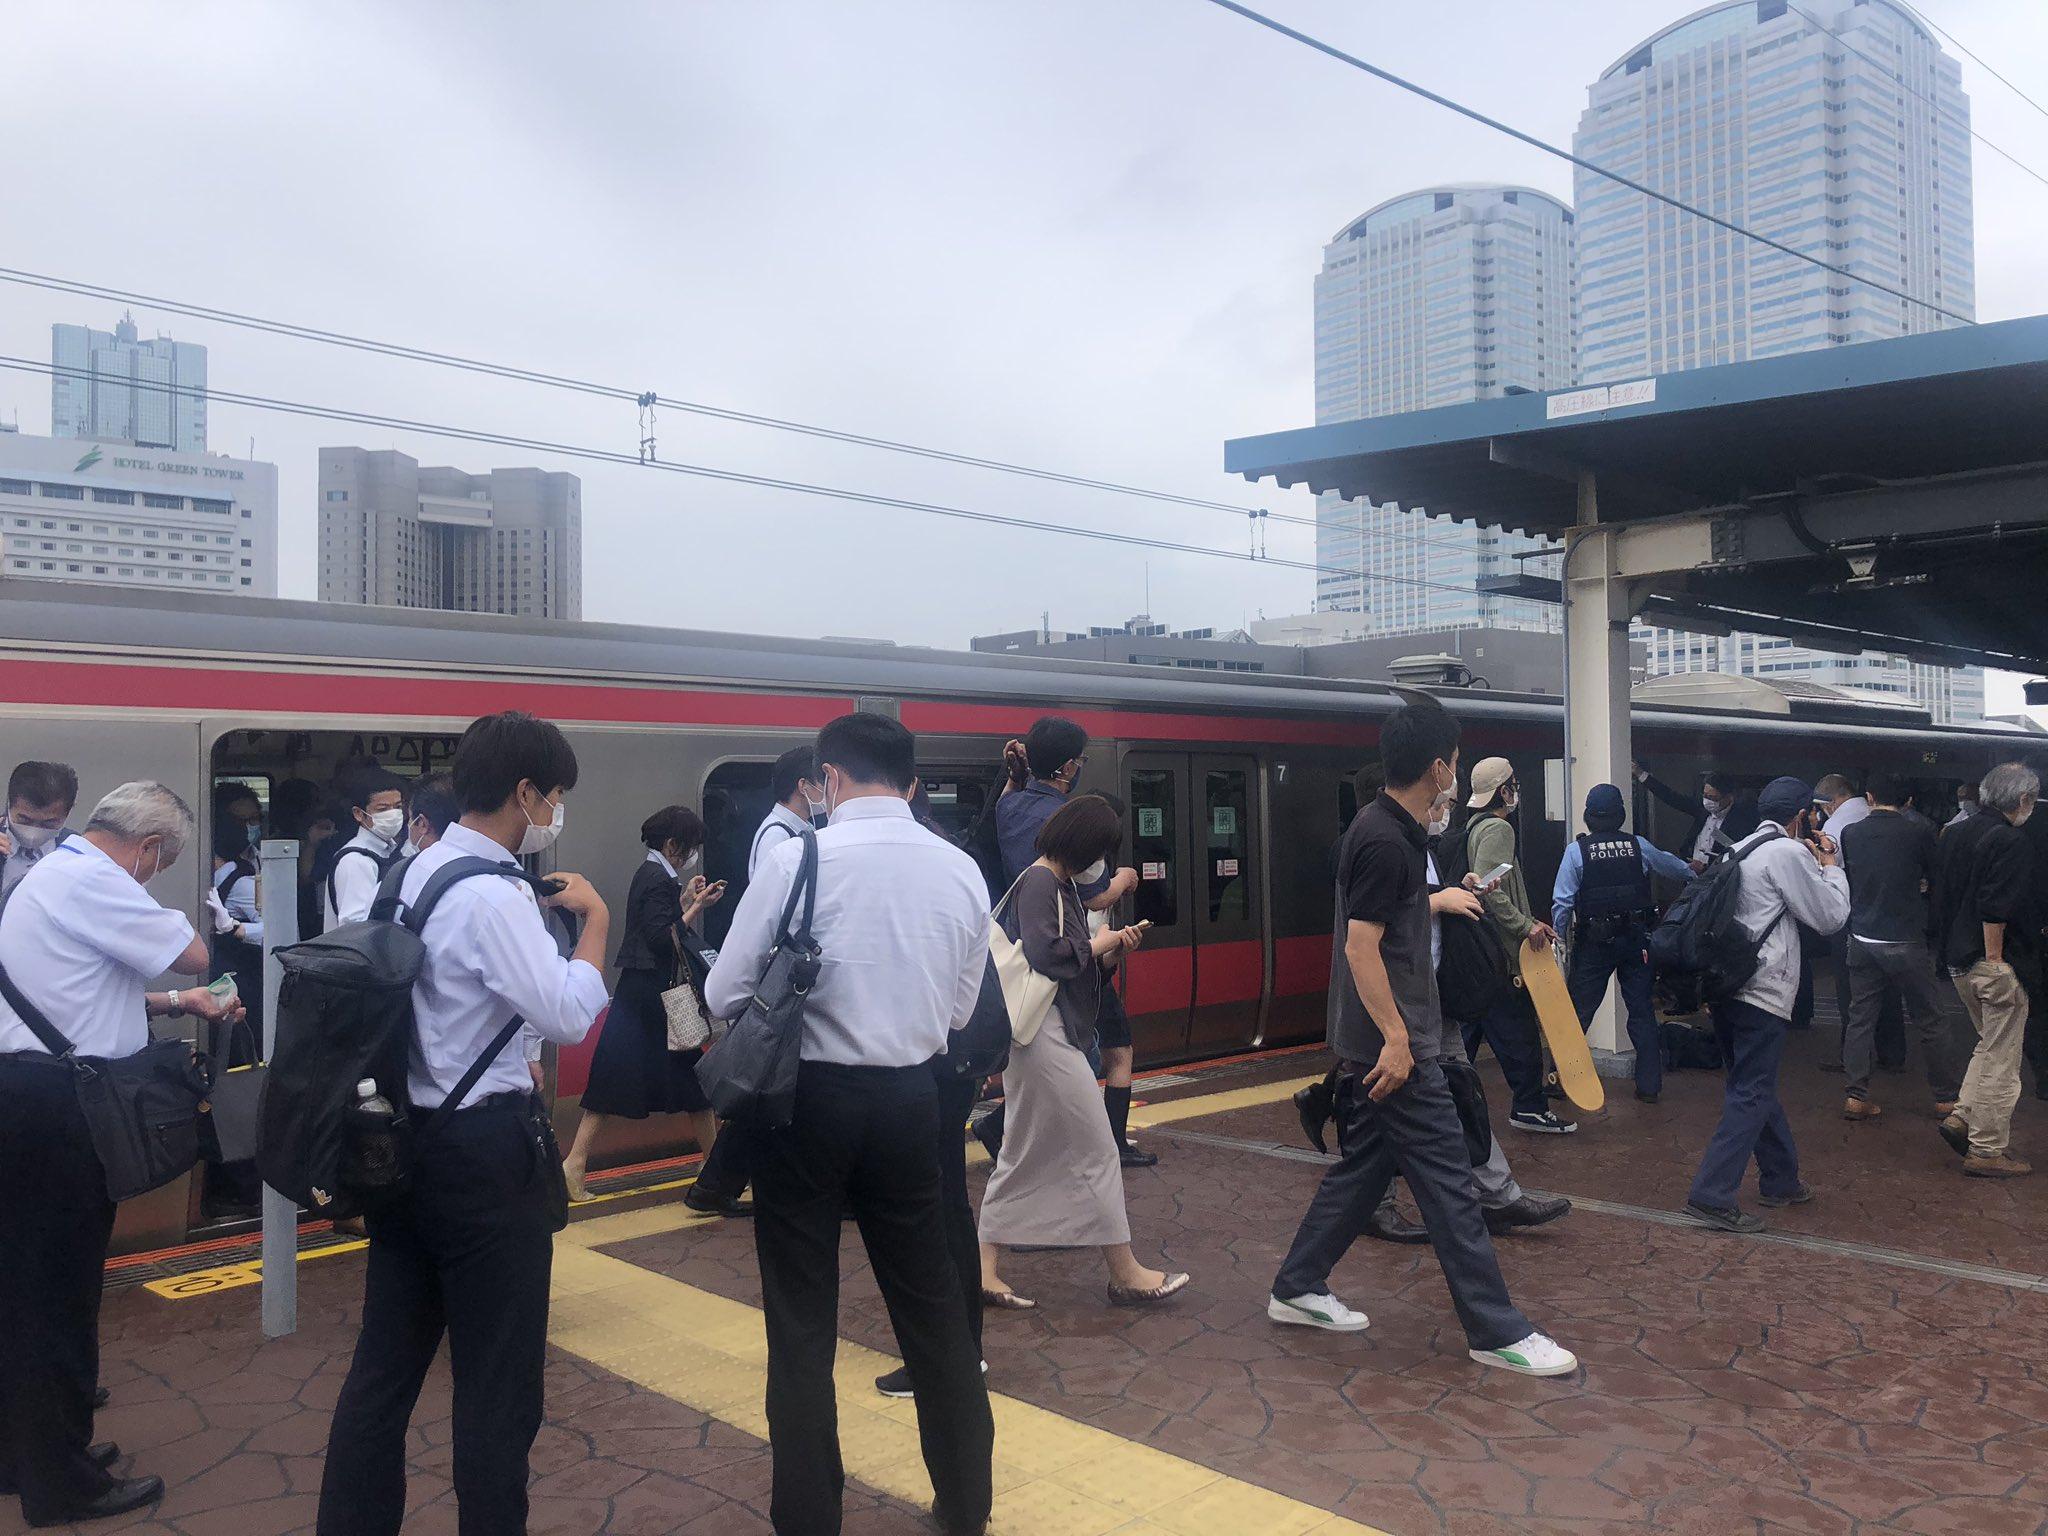 海浜幕張駅で人身事故が起きた現場の画像